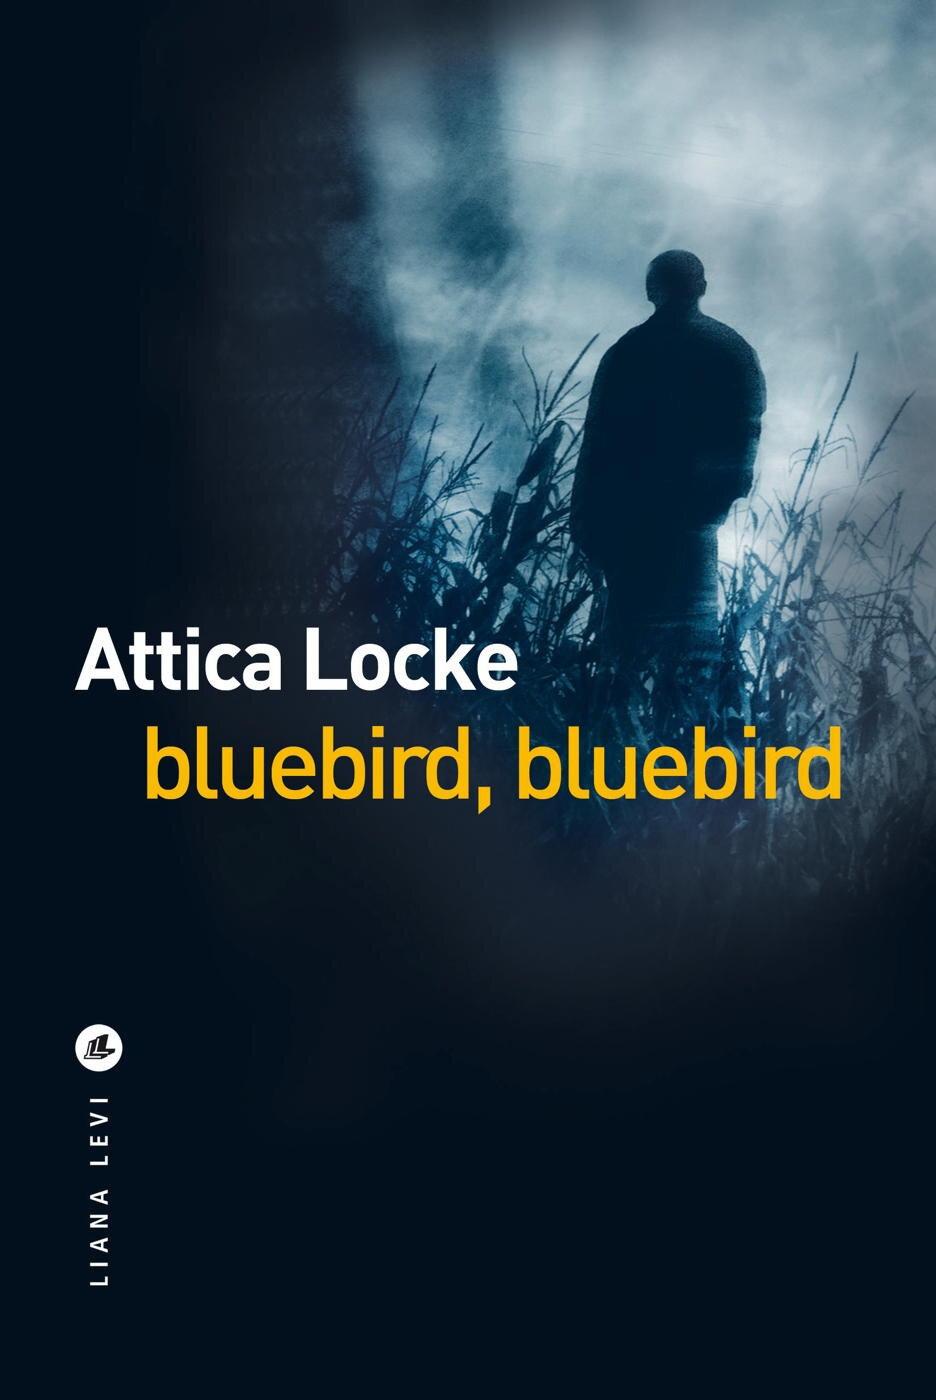 Bluebird, Bbluebird; un vrai polar d'atmosphère qui nous plonge dans  l'Amérique d'aujourd'hui - Baz'art : Des films, des livres...